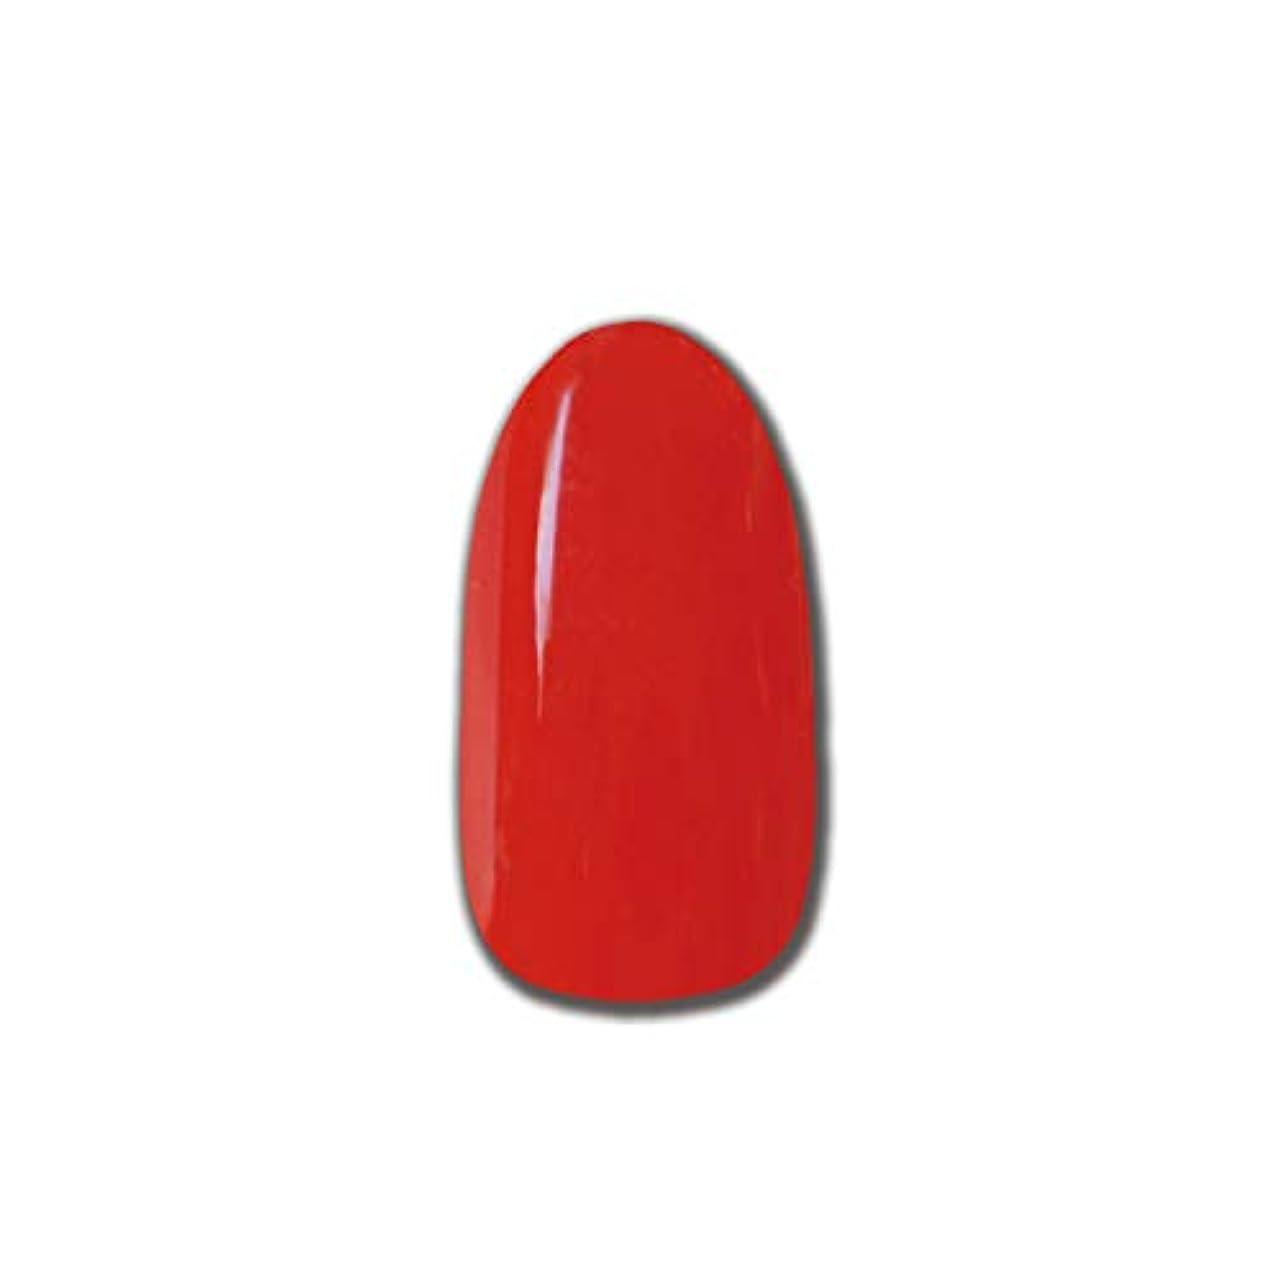 財布敬なリビングルームT-GEL COLLECTION カラージェル D193 ミディアムレッド 4ml